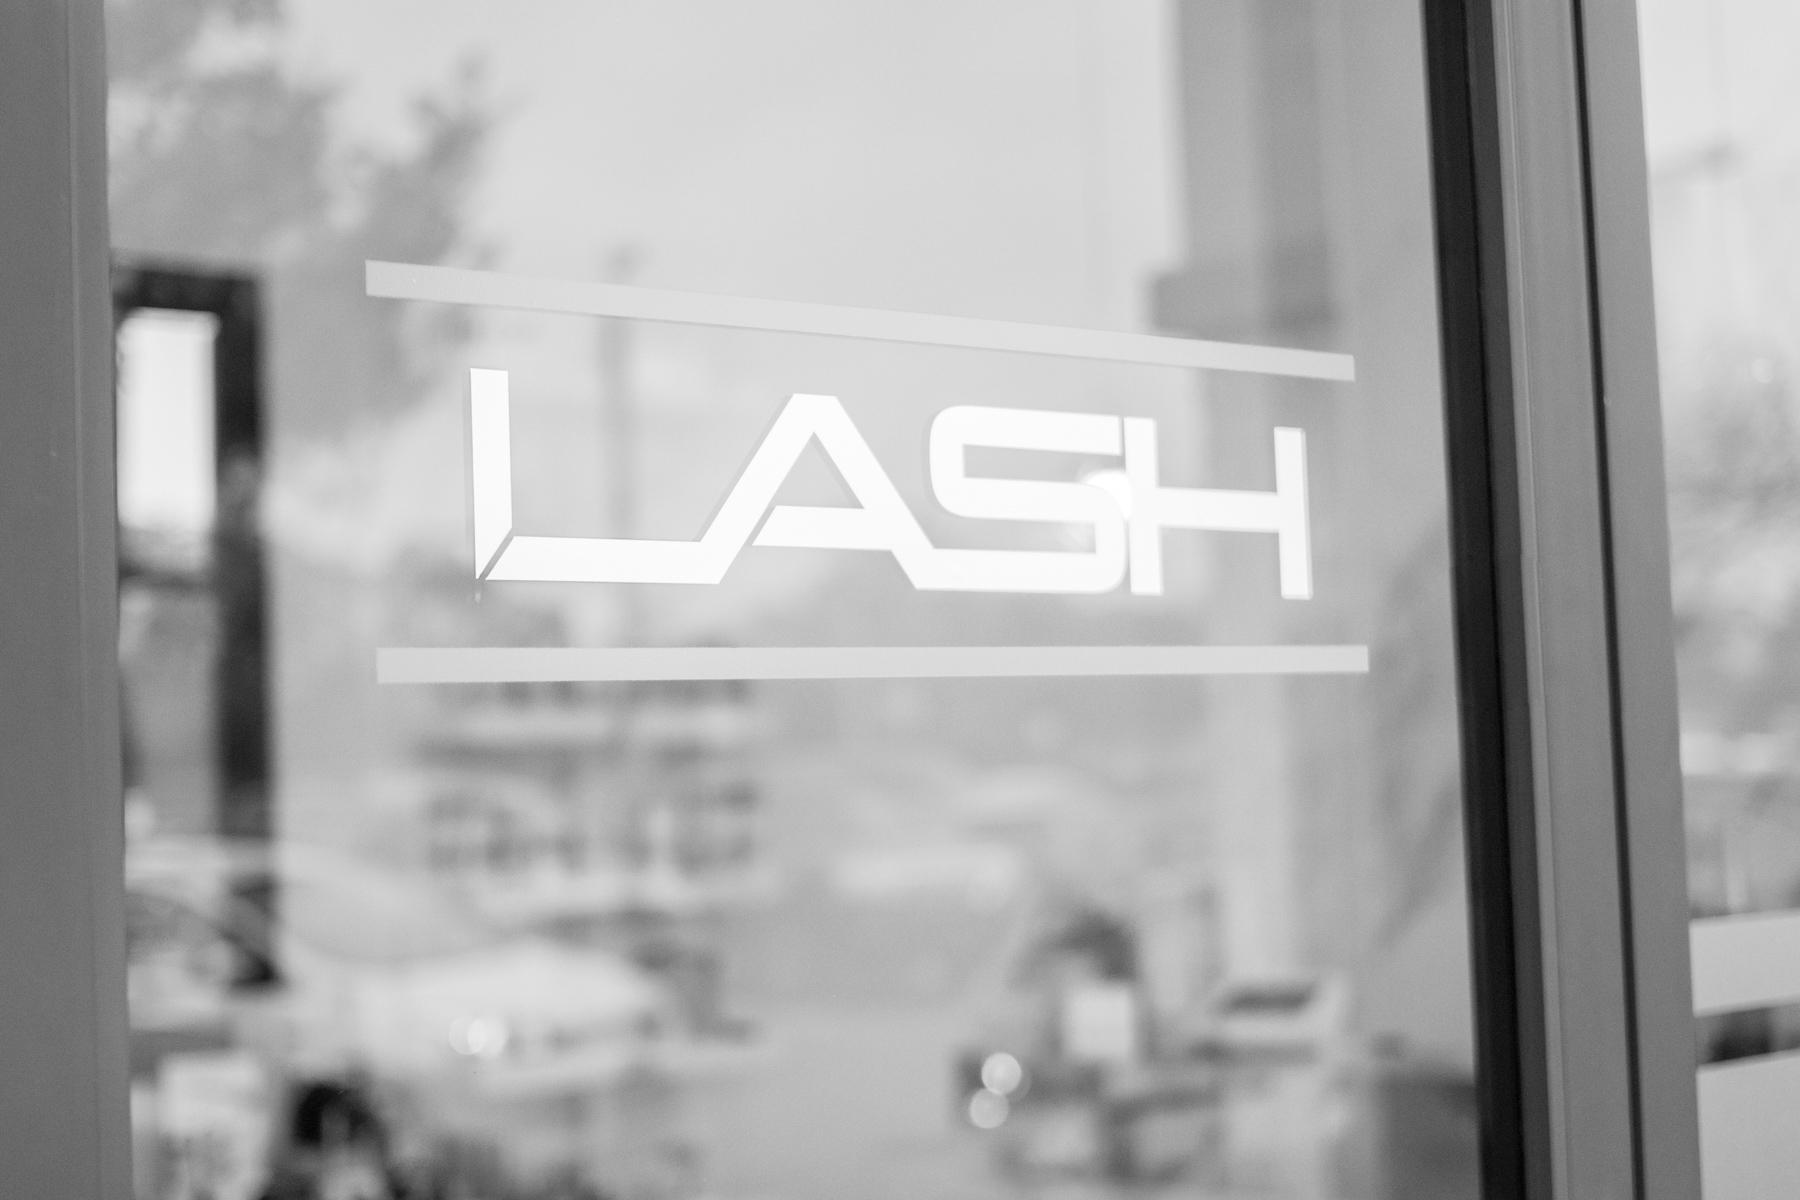 LASH-door